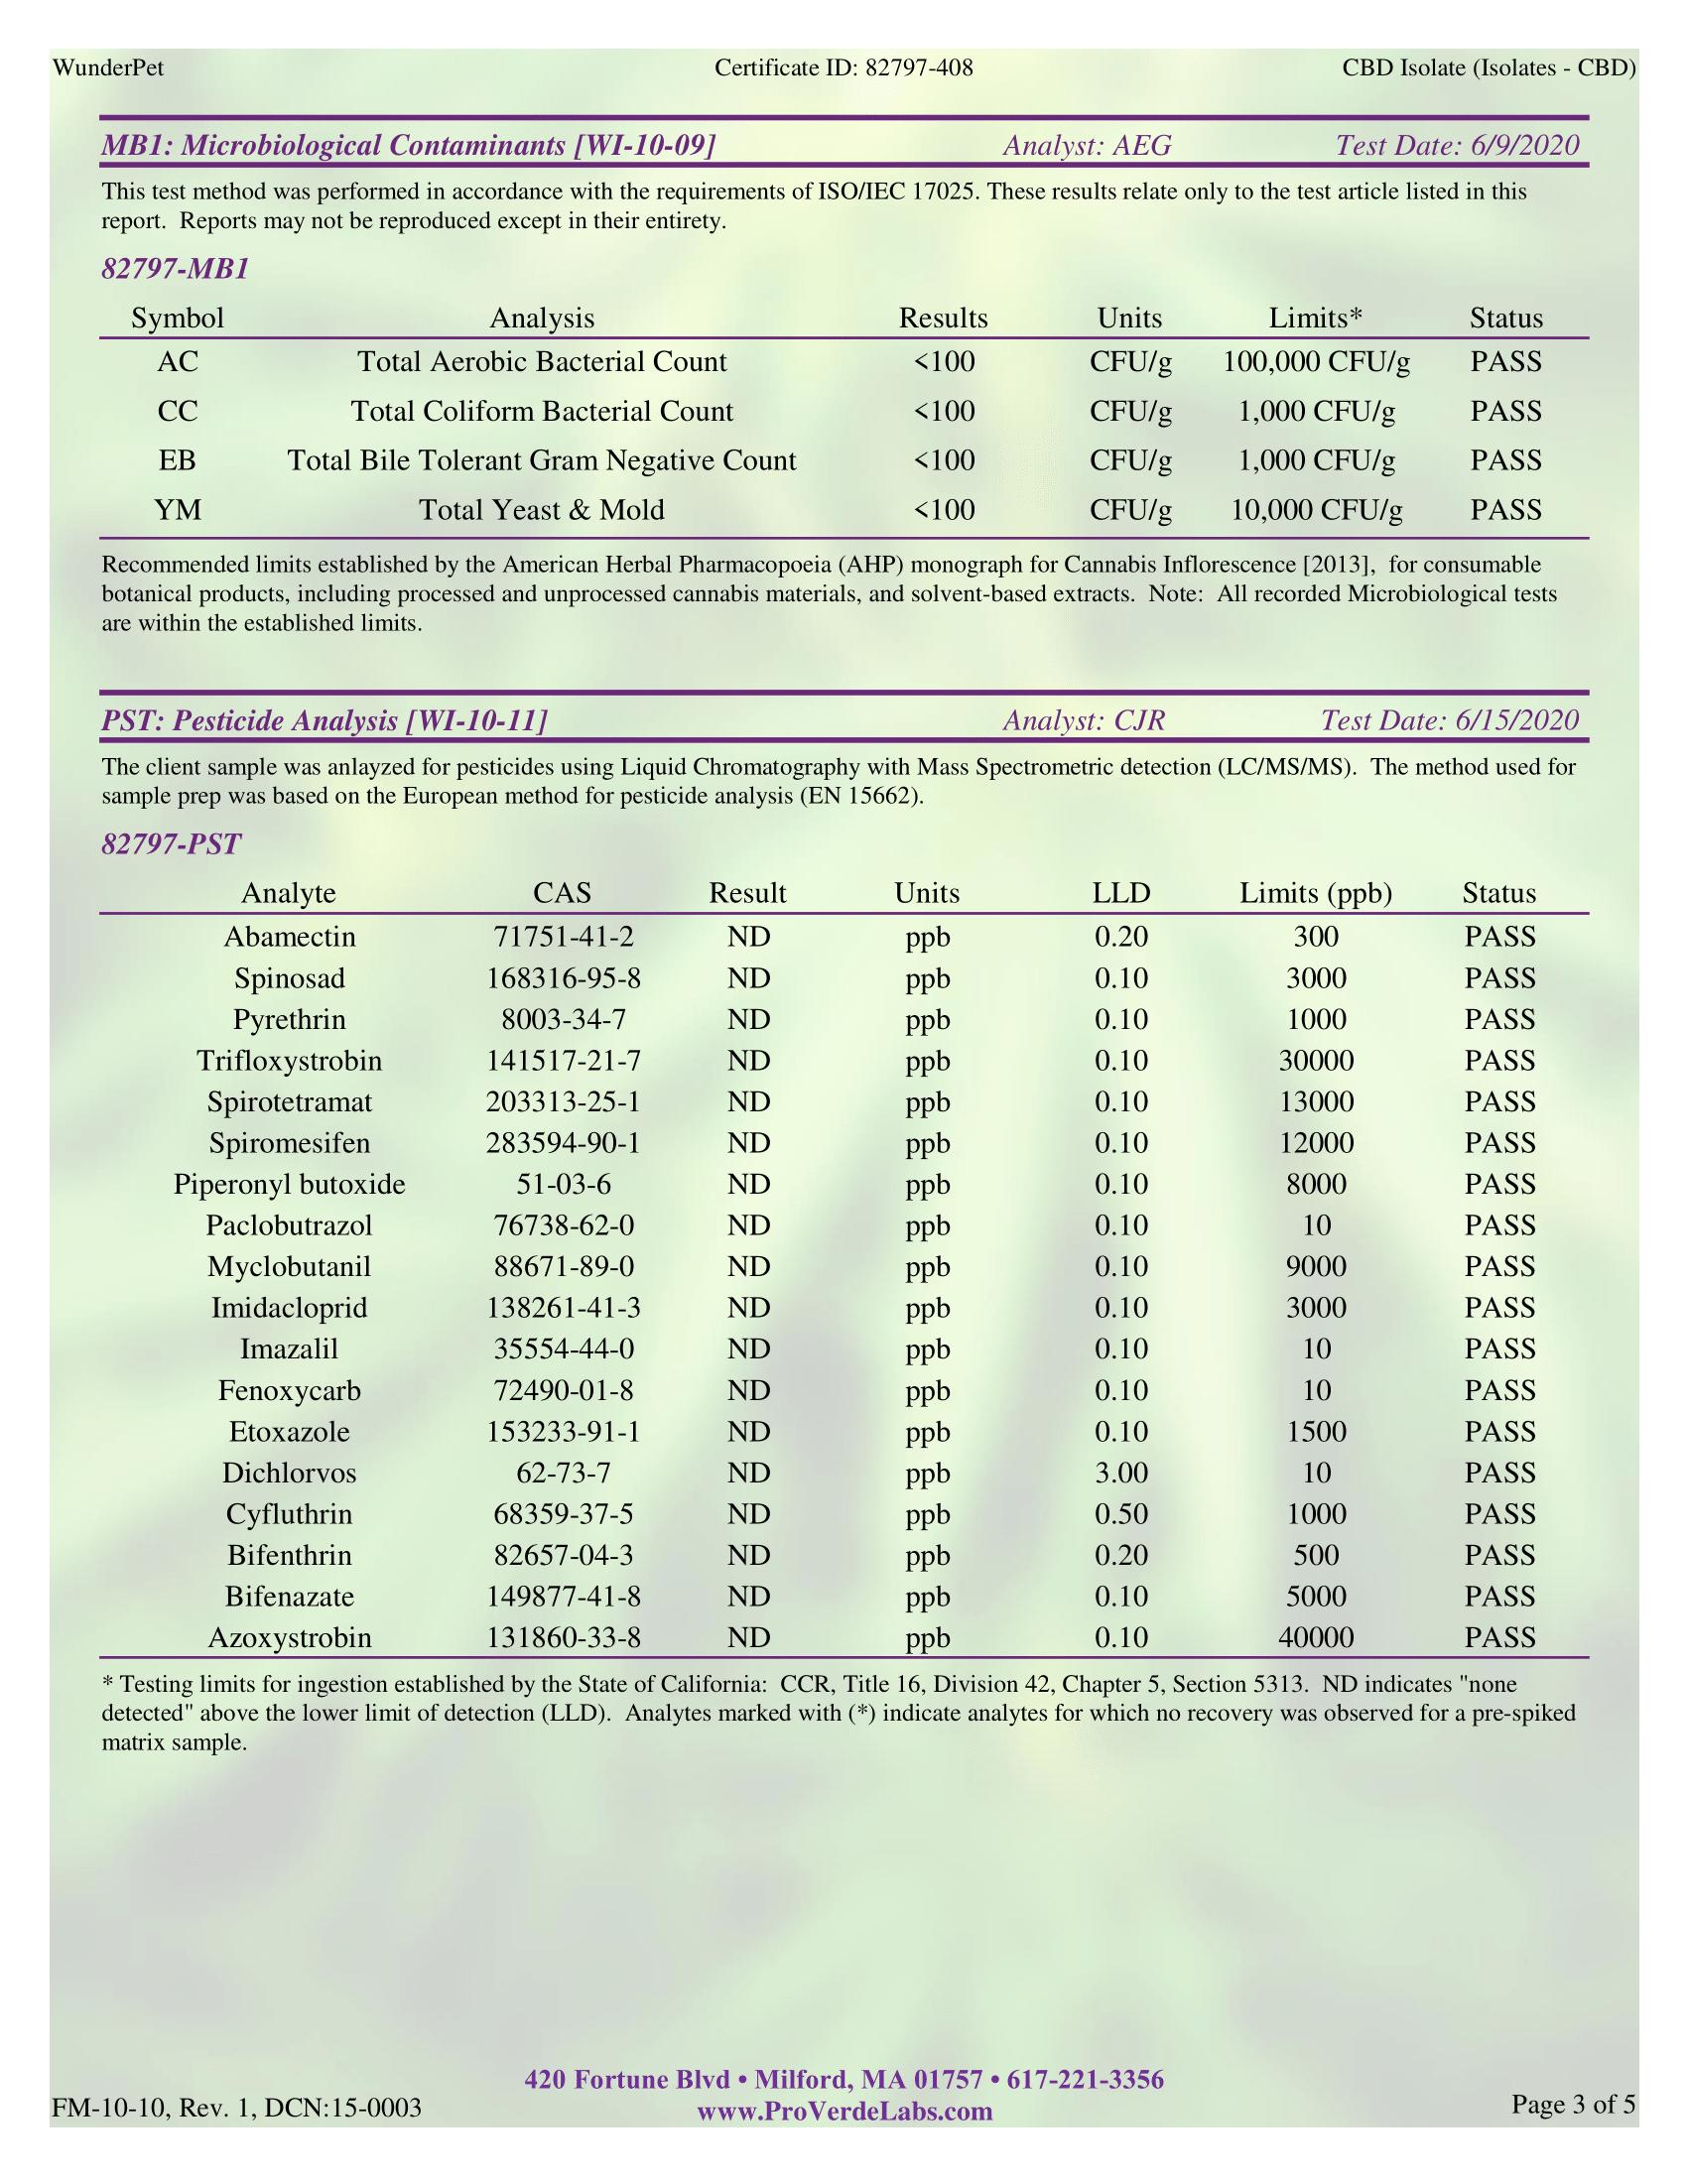 results.ashx-3